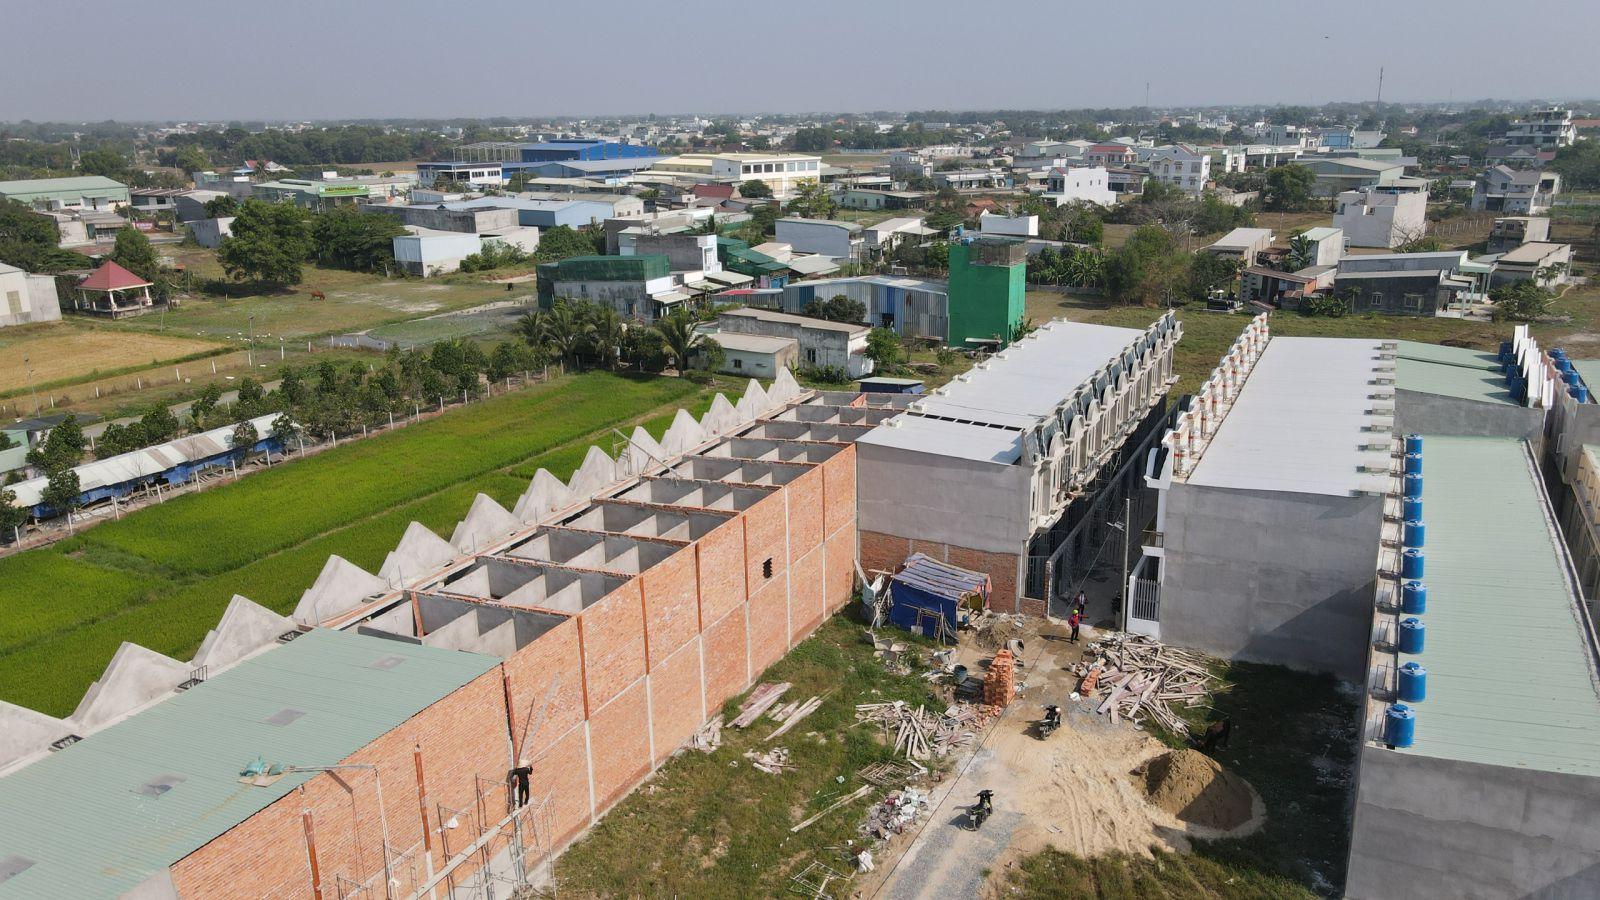 dự án đất nền nhà phố minh đức 2021